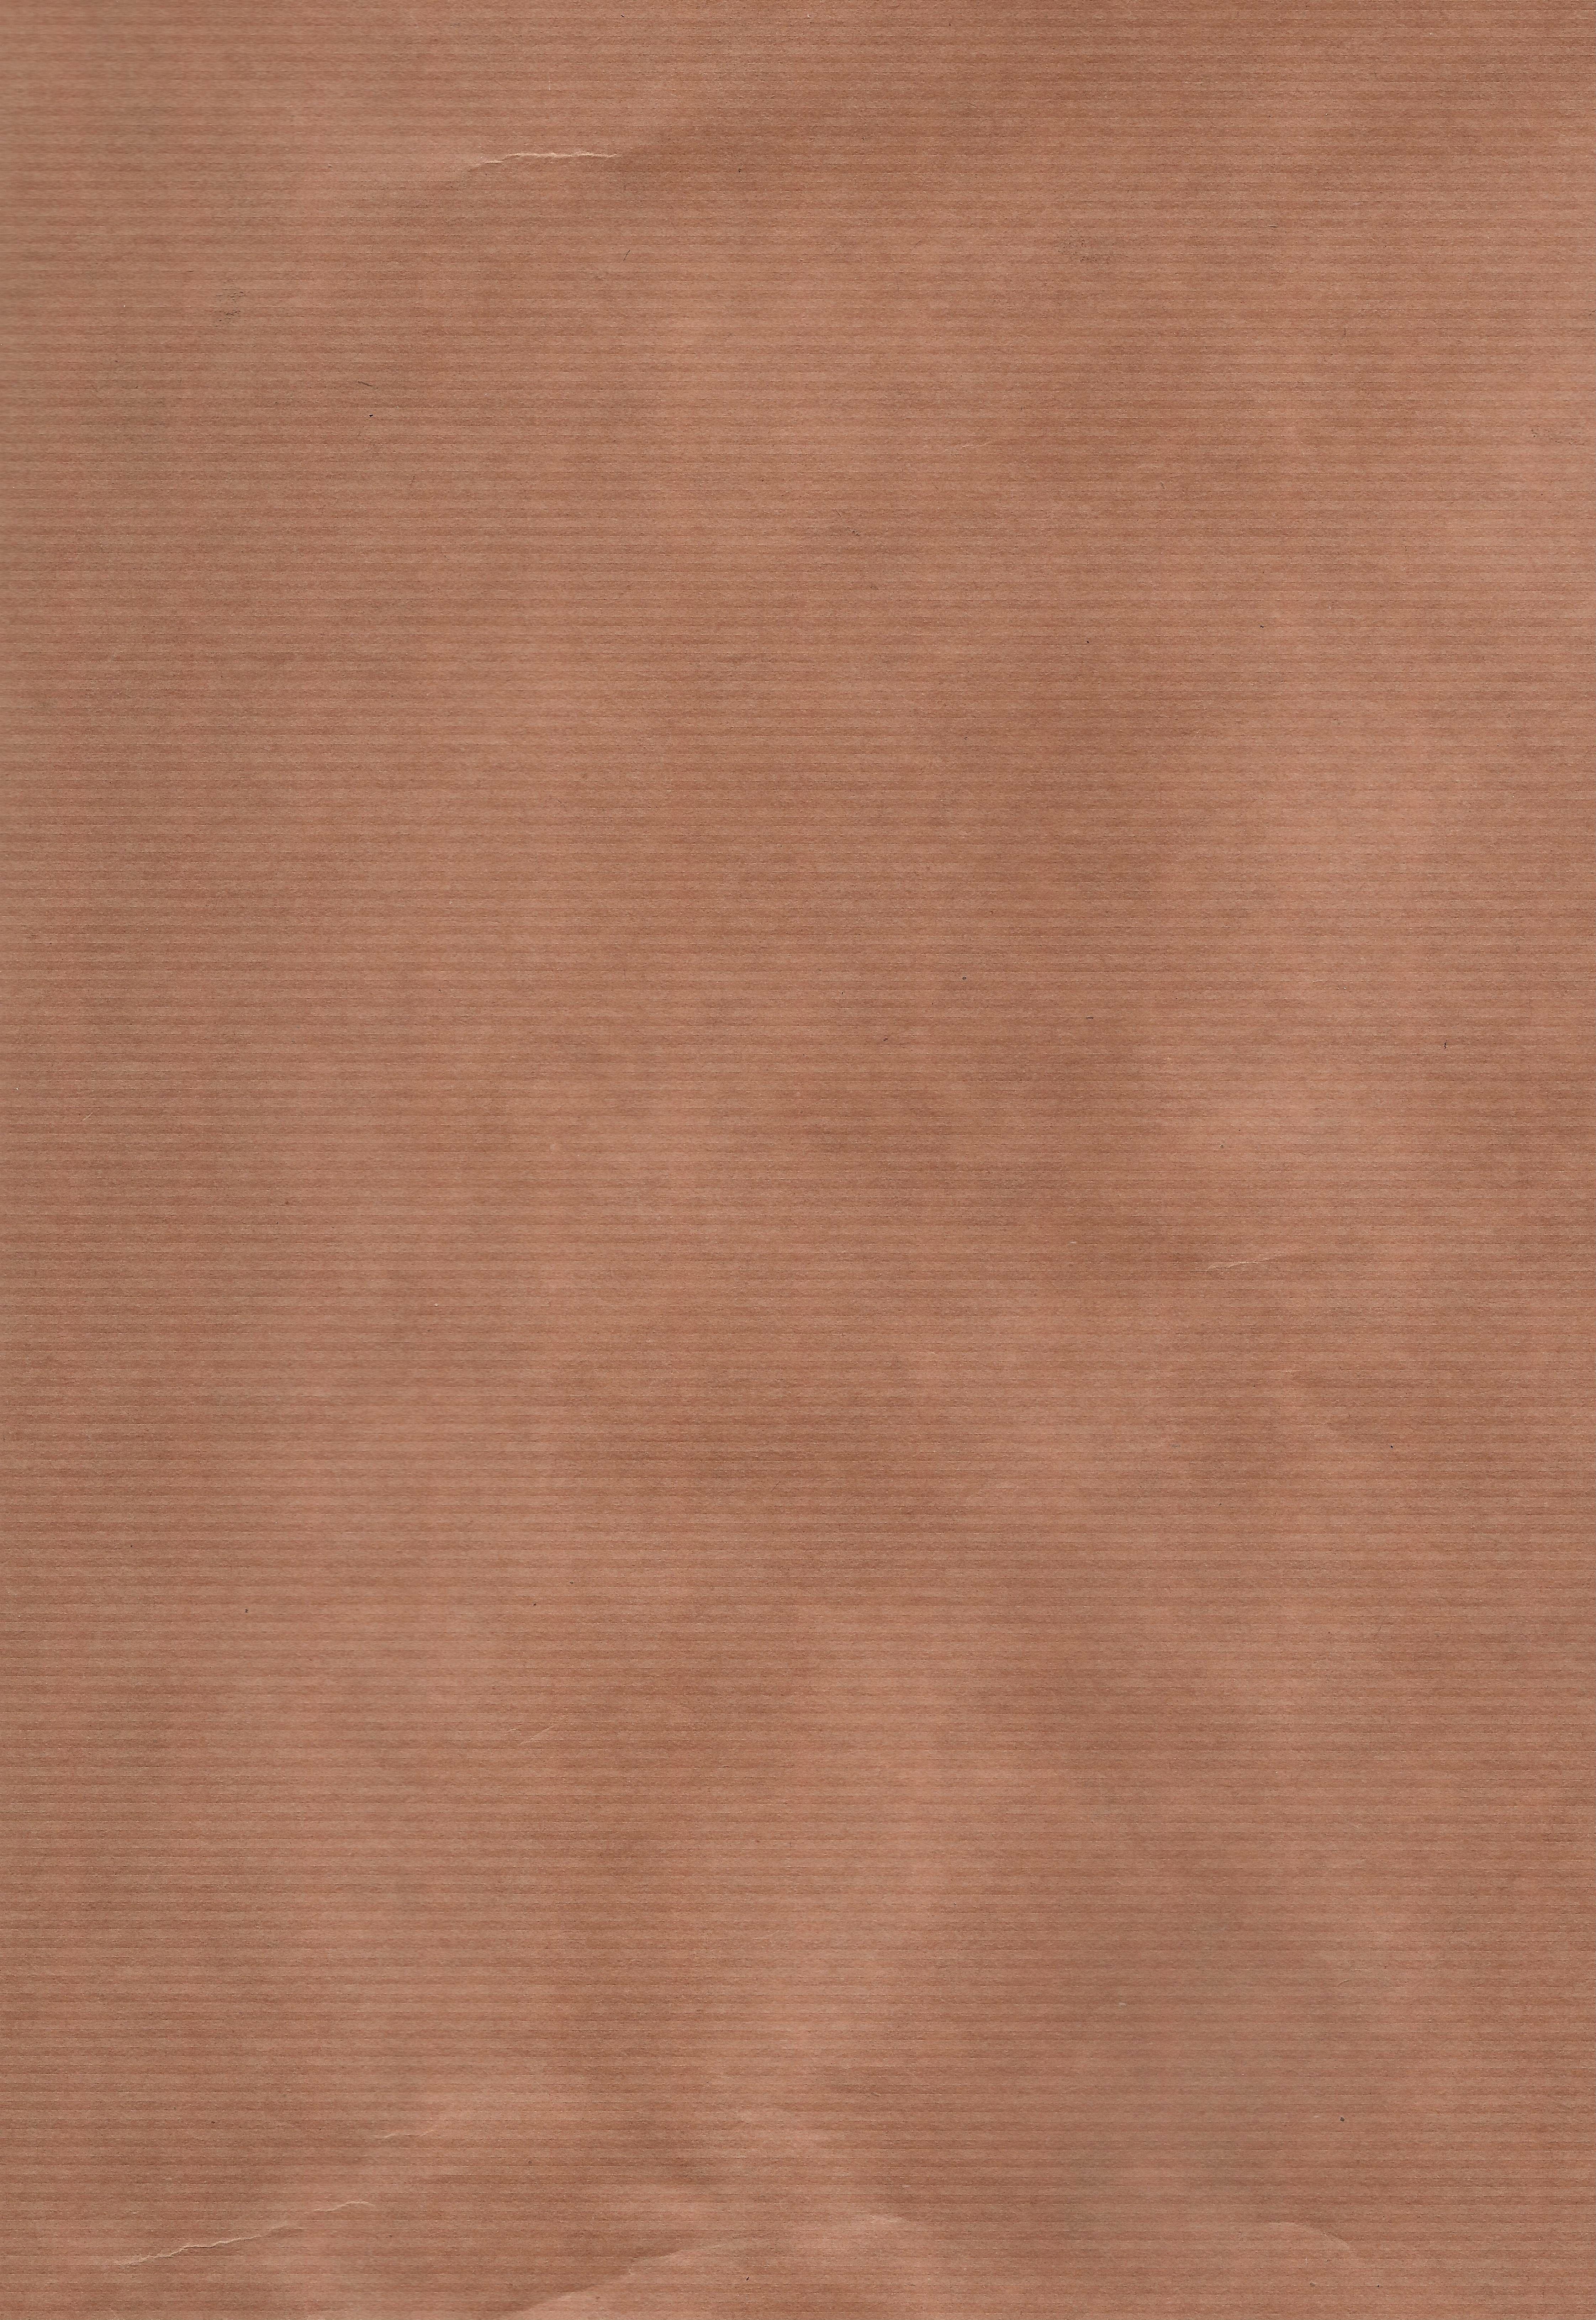 Banco De Imagens Textura Ch 227 O Padronizar Linha